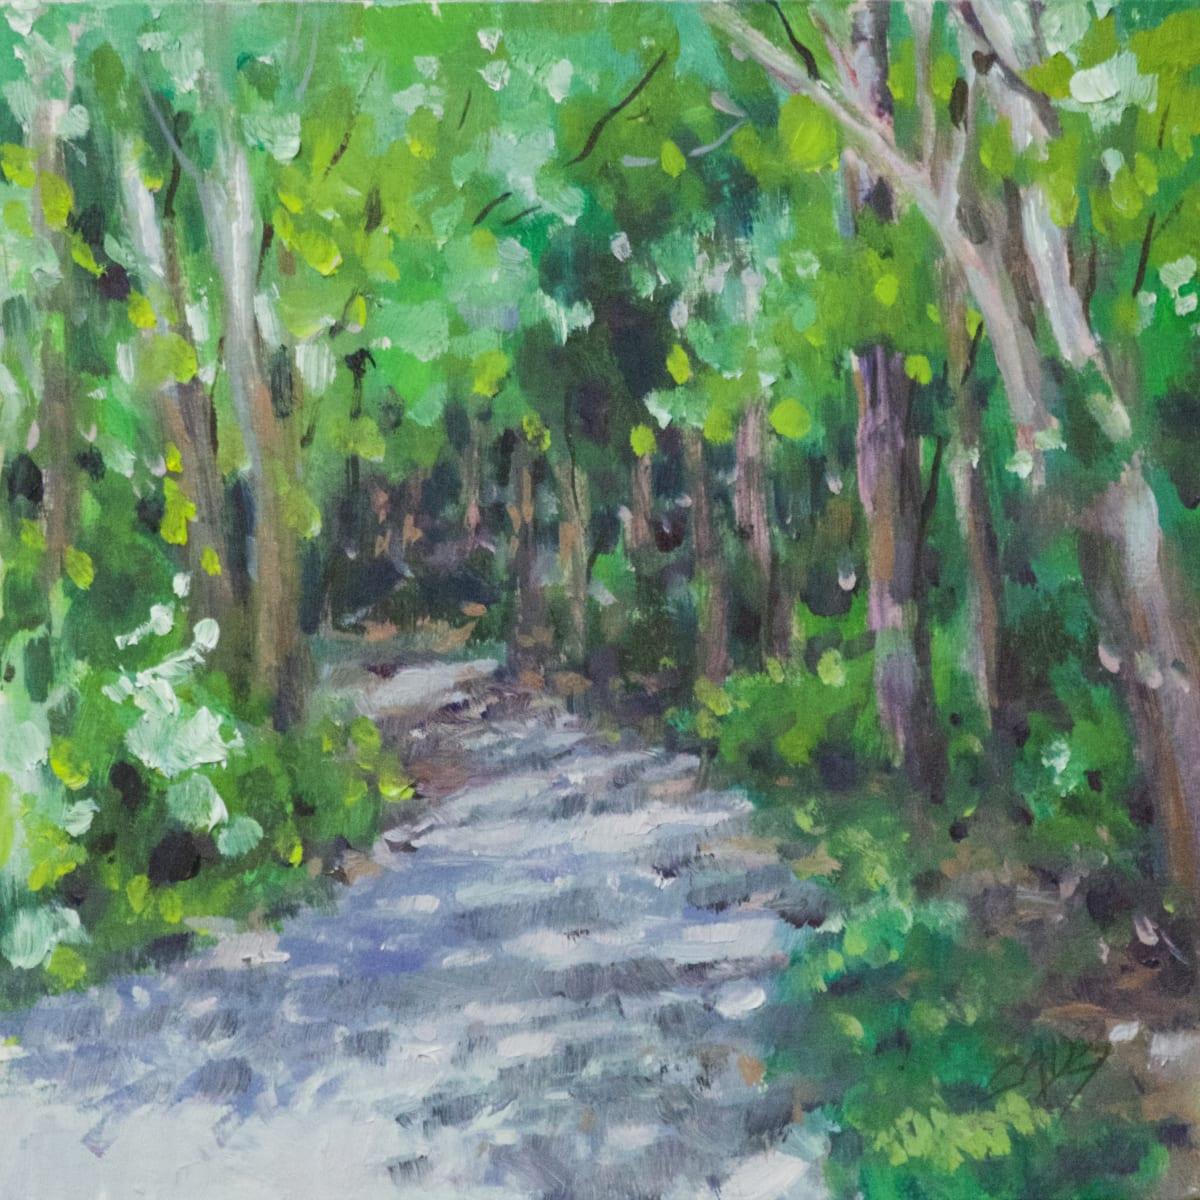 Shady Trail by Linda Eades Blackburn